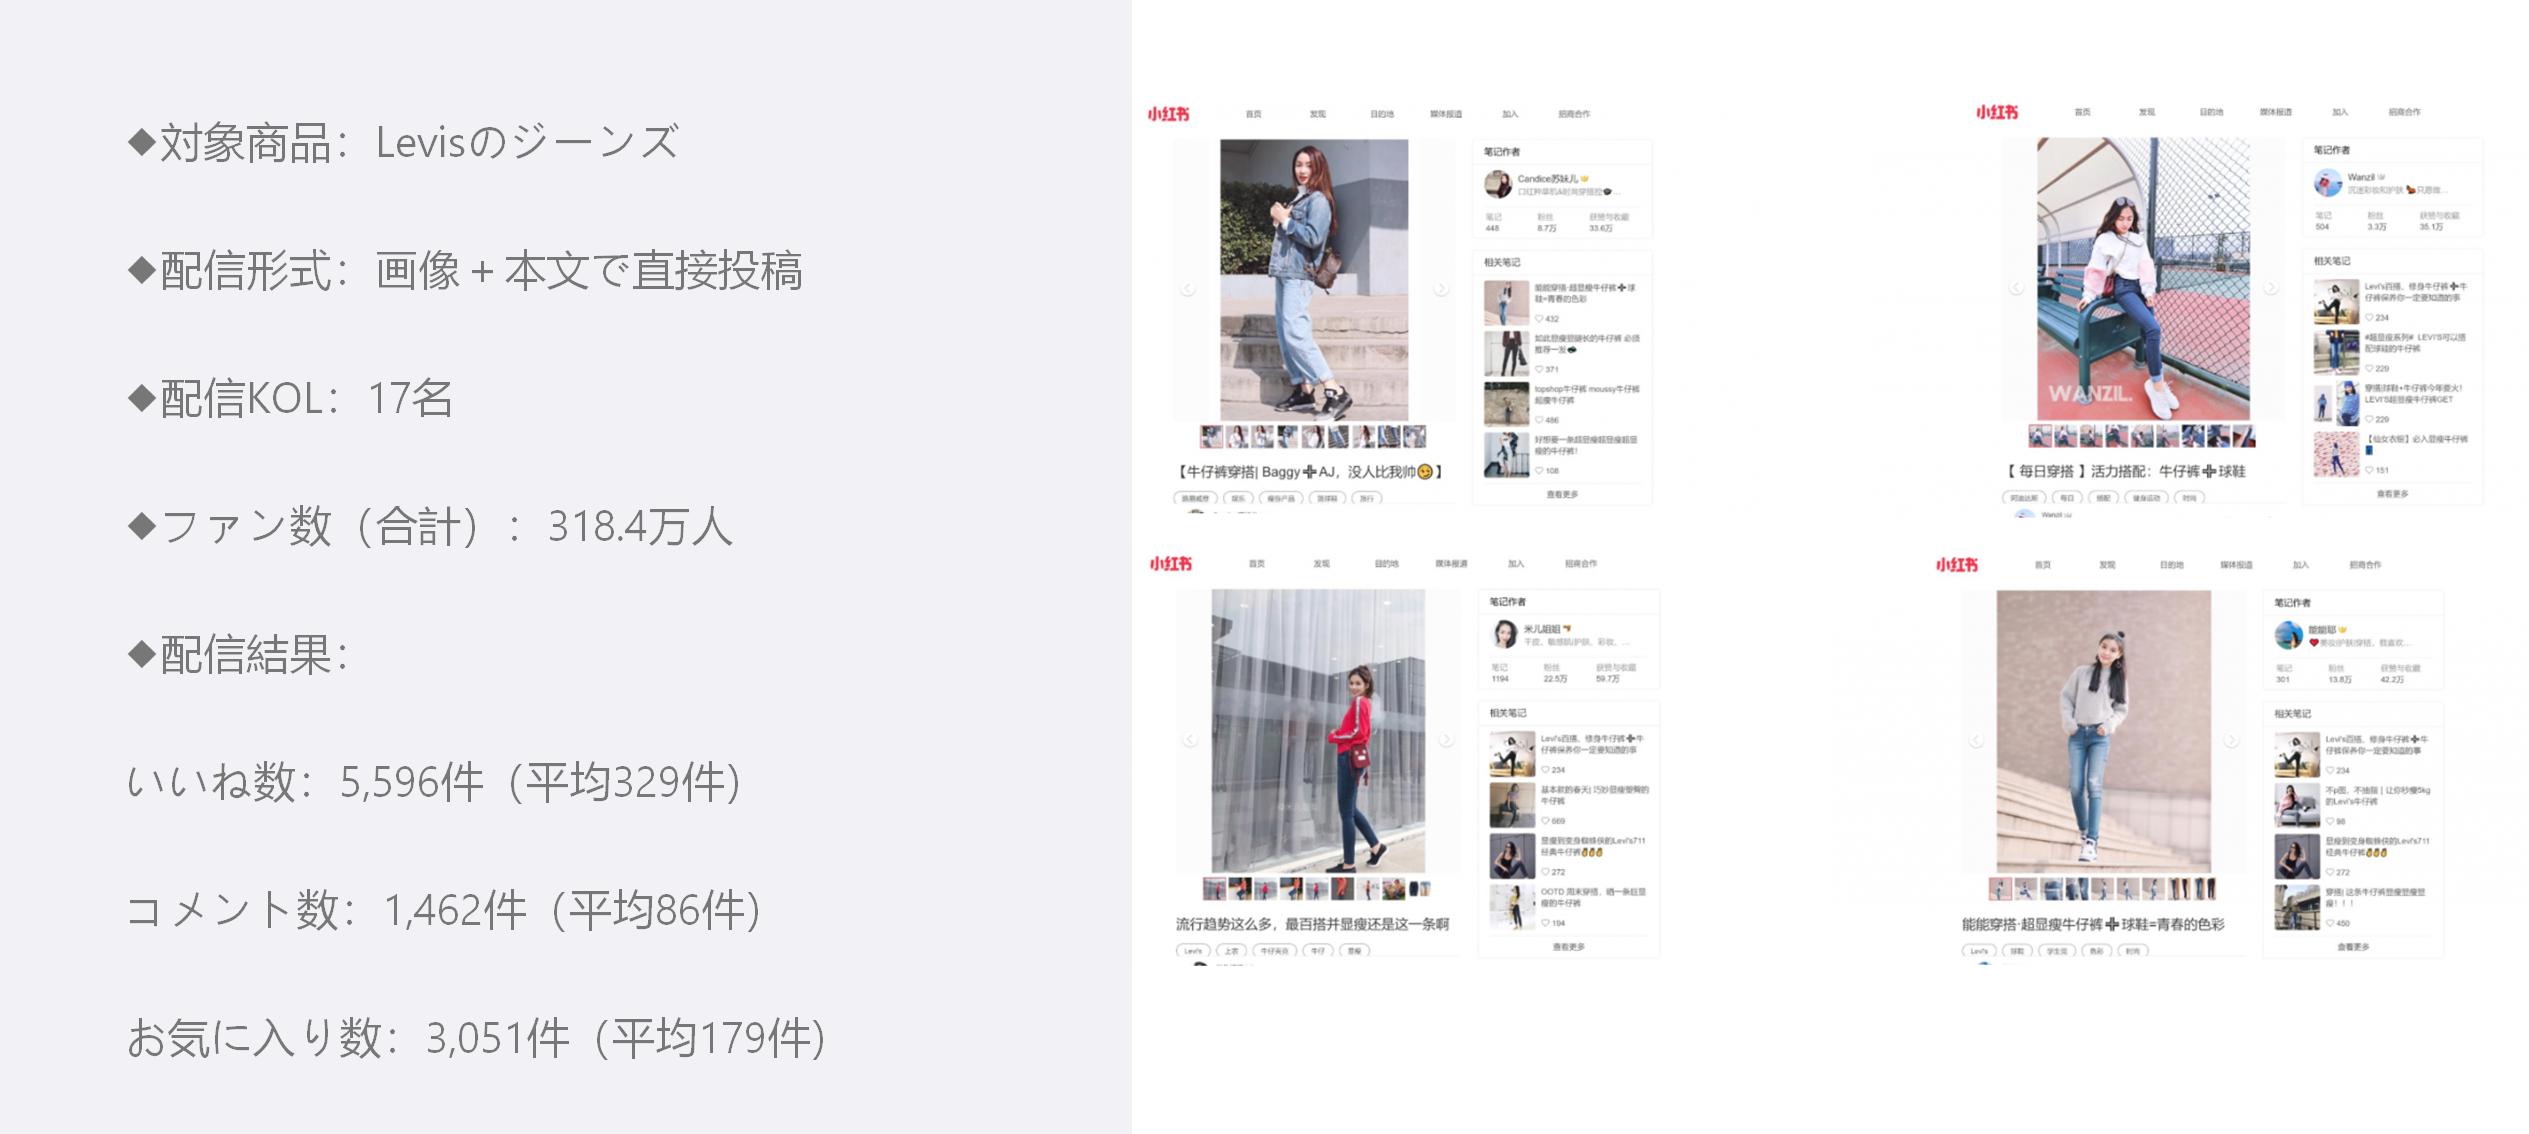 「小紅書(RED)」中国インフルエンサーやKOLを活用したジーンズプロモーション事例の紹介